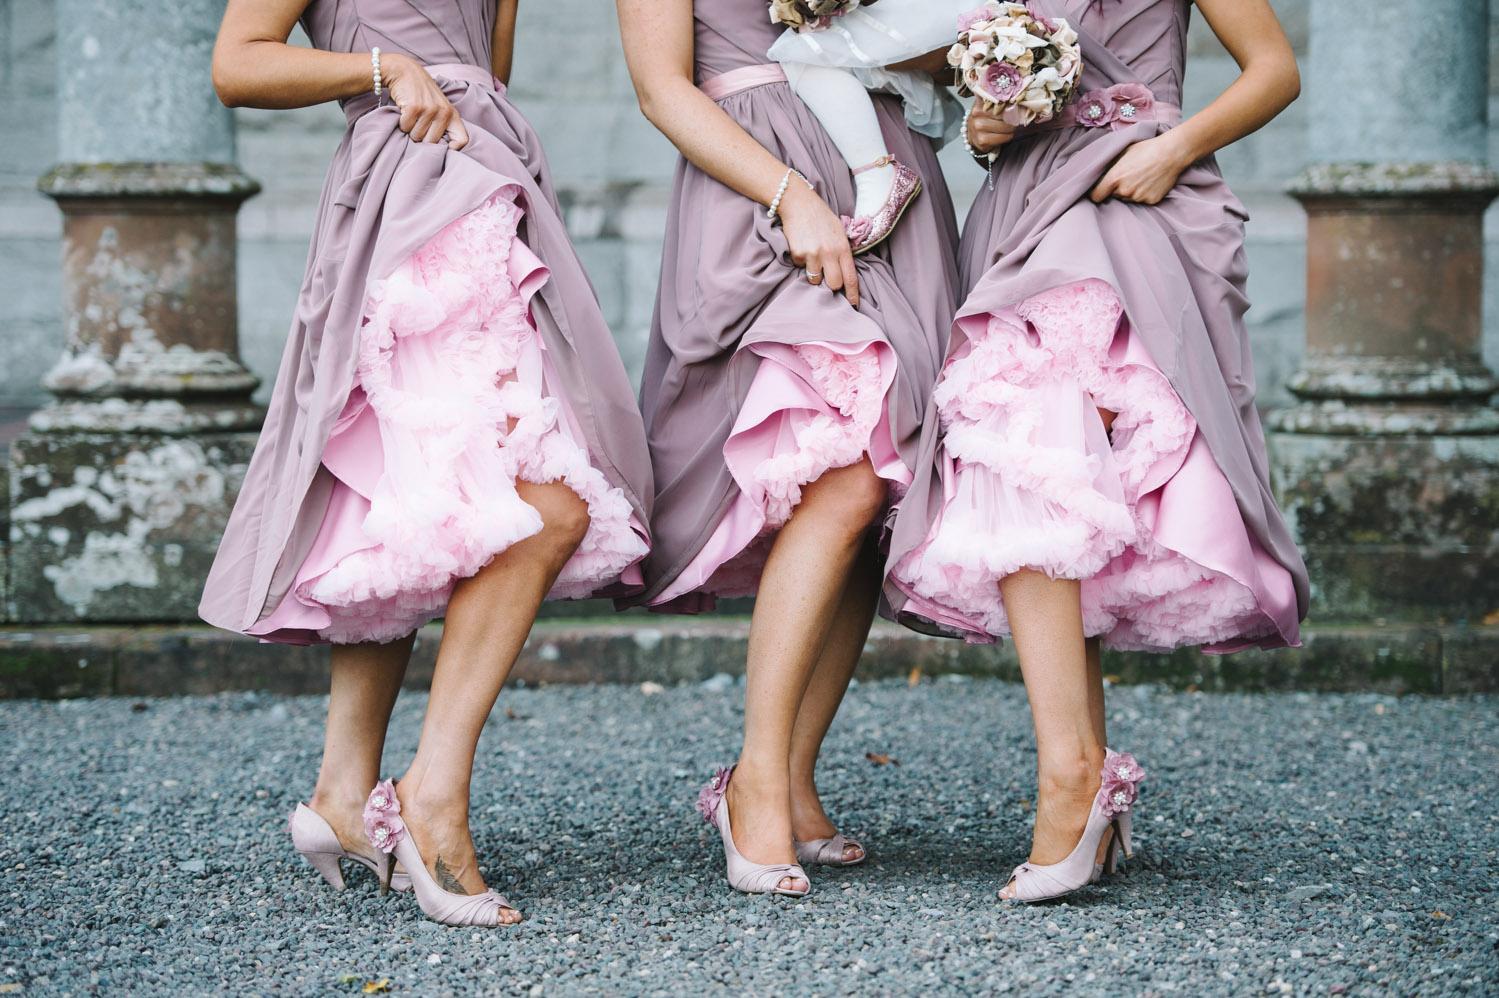 pink petticoats bridesmaid dresses